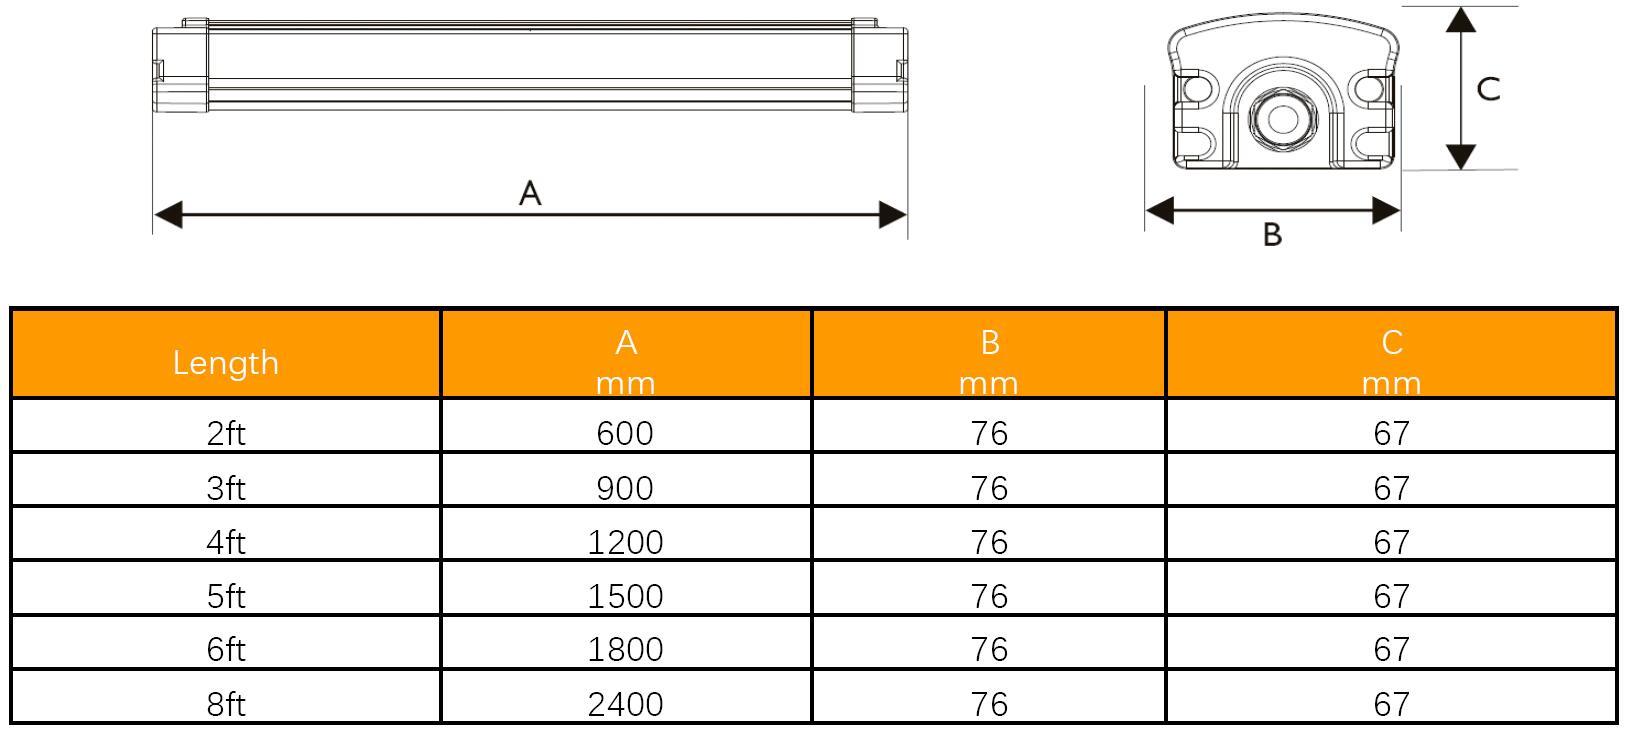 SenQ LED Tri-proof Light size